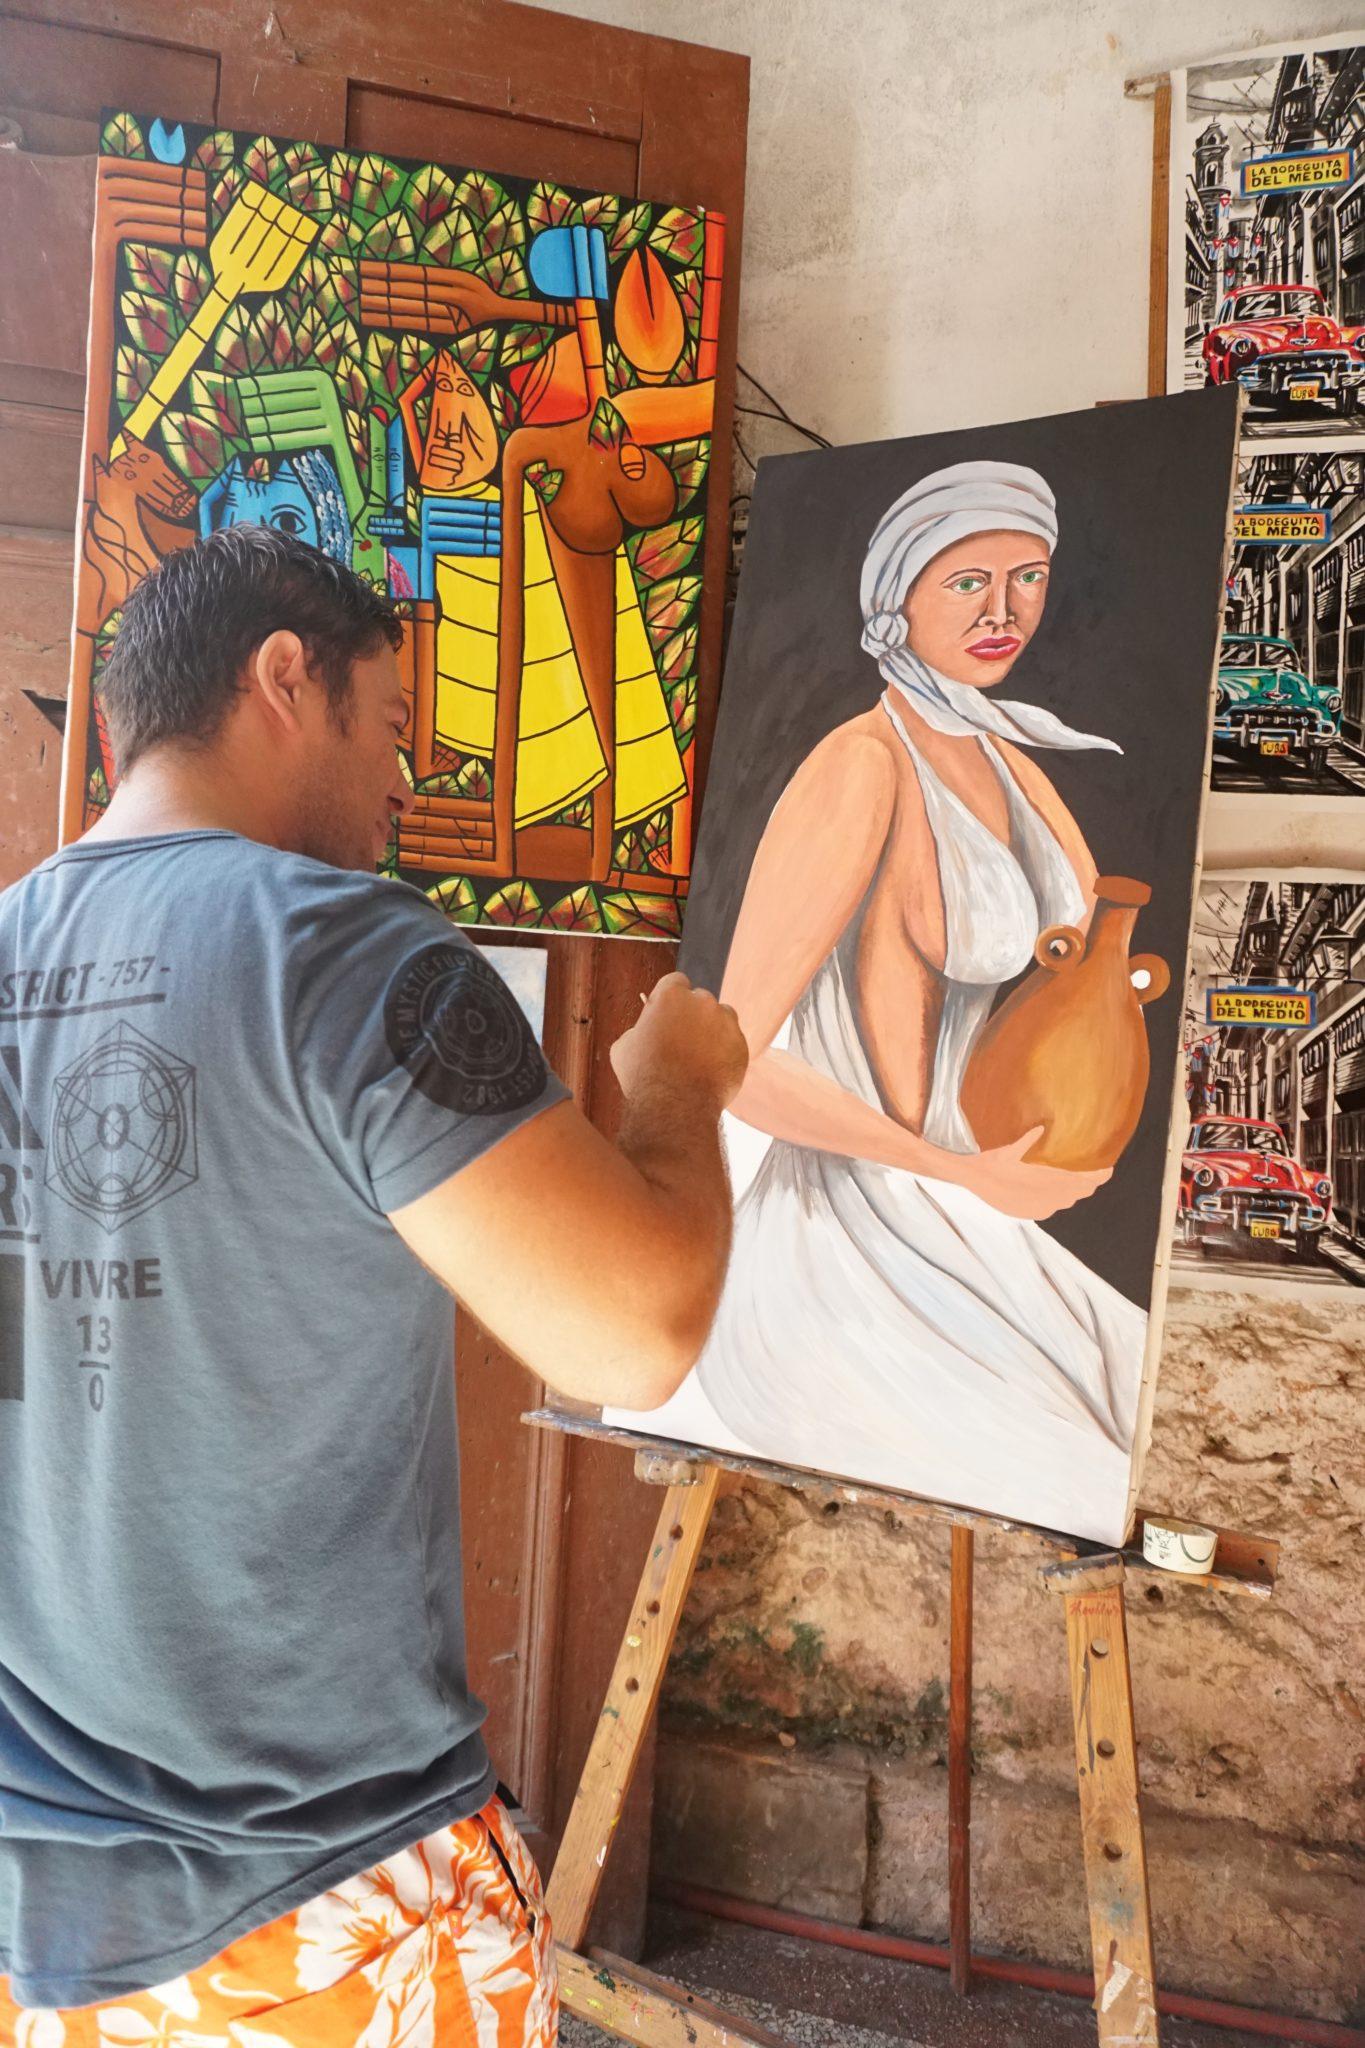 Santiago in Cuba Hot de women horney